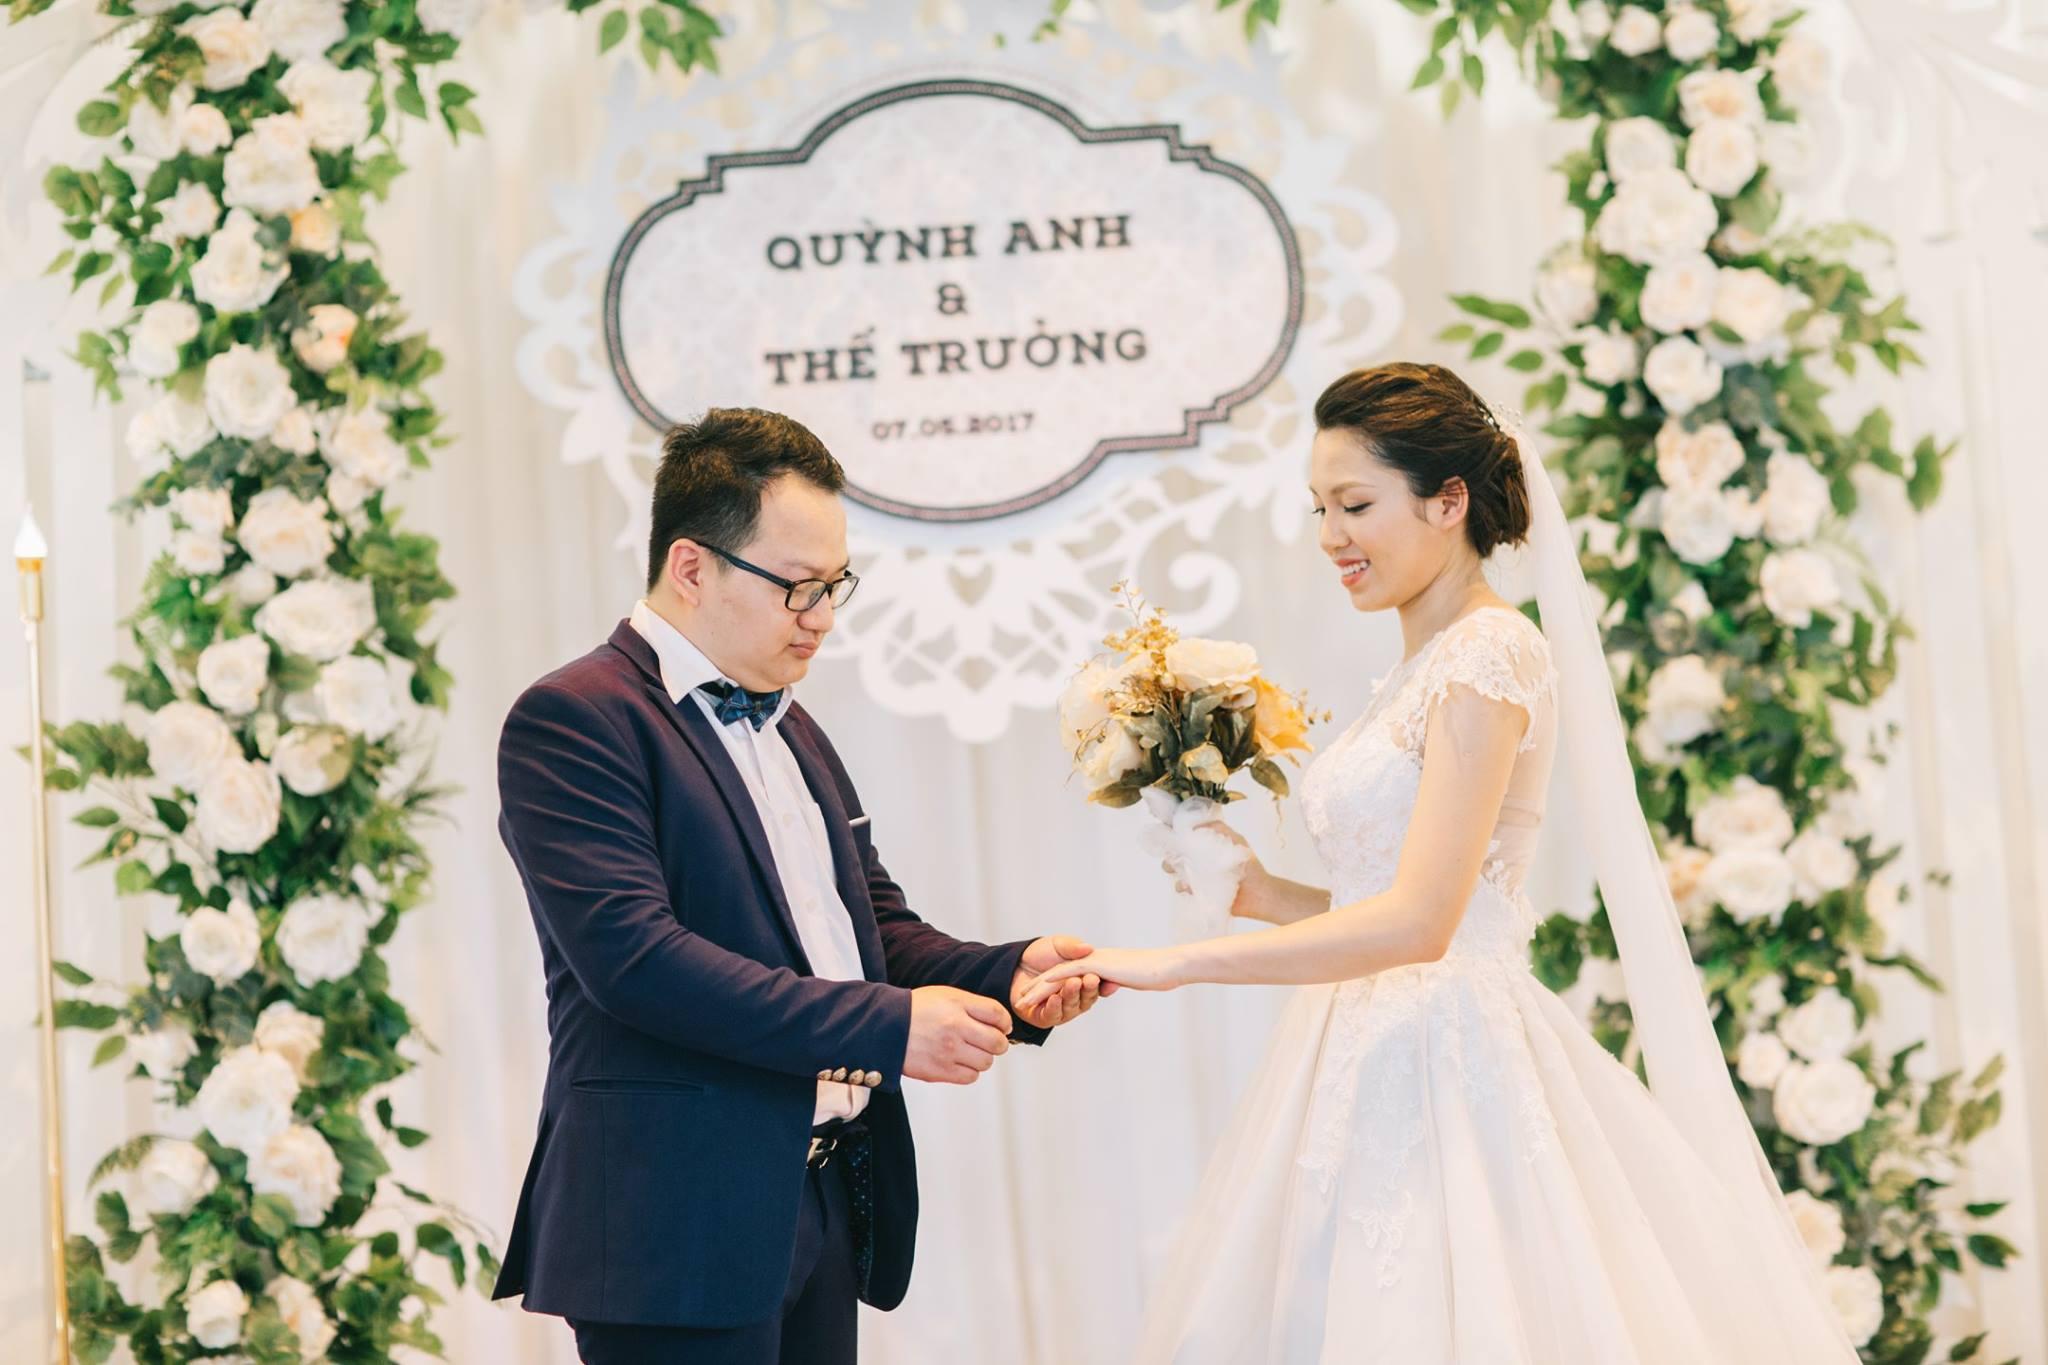 Độc nhất vô nhị: Chụp một lần, cặp đôi tái hiện được tất cả các kiểu lễ cưới Việt Nam trong 100 năm qua! - Ảnh 20.